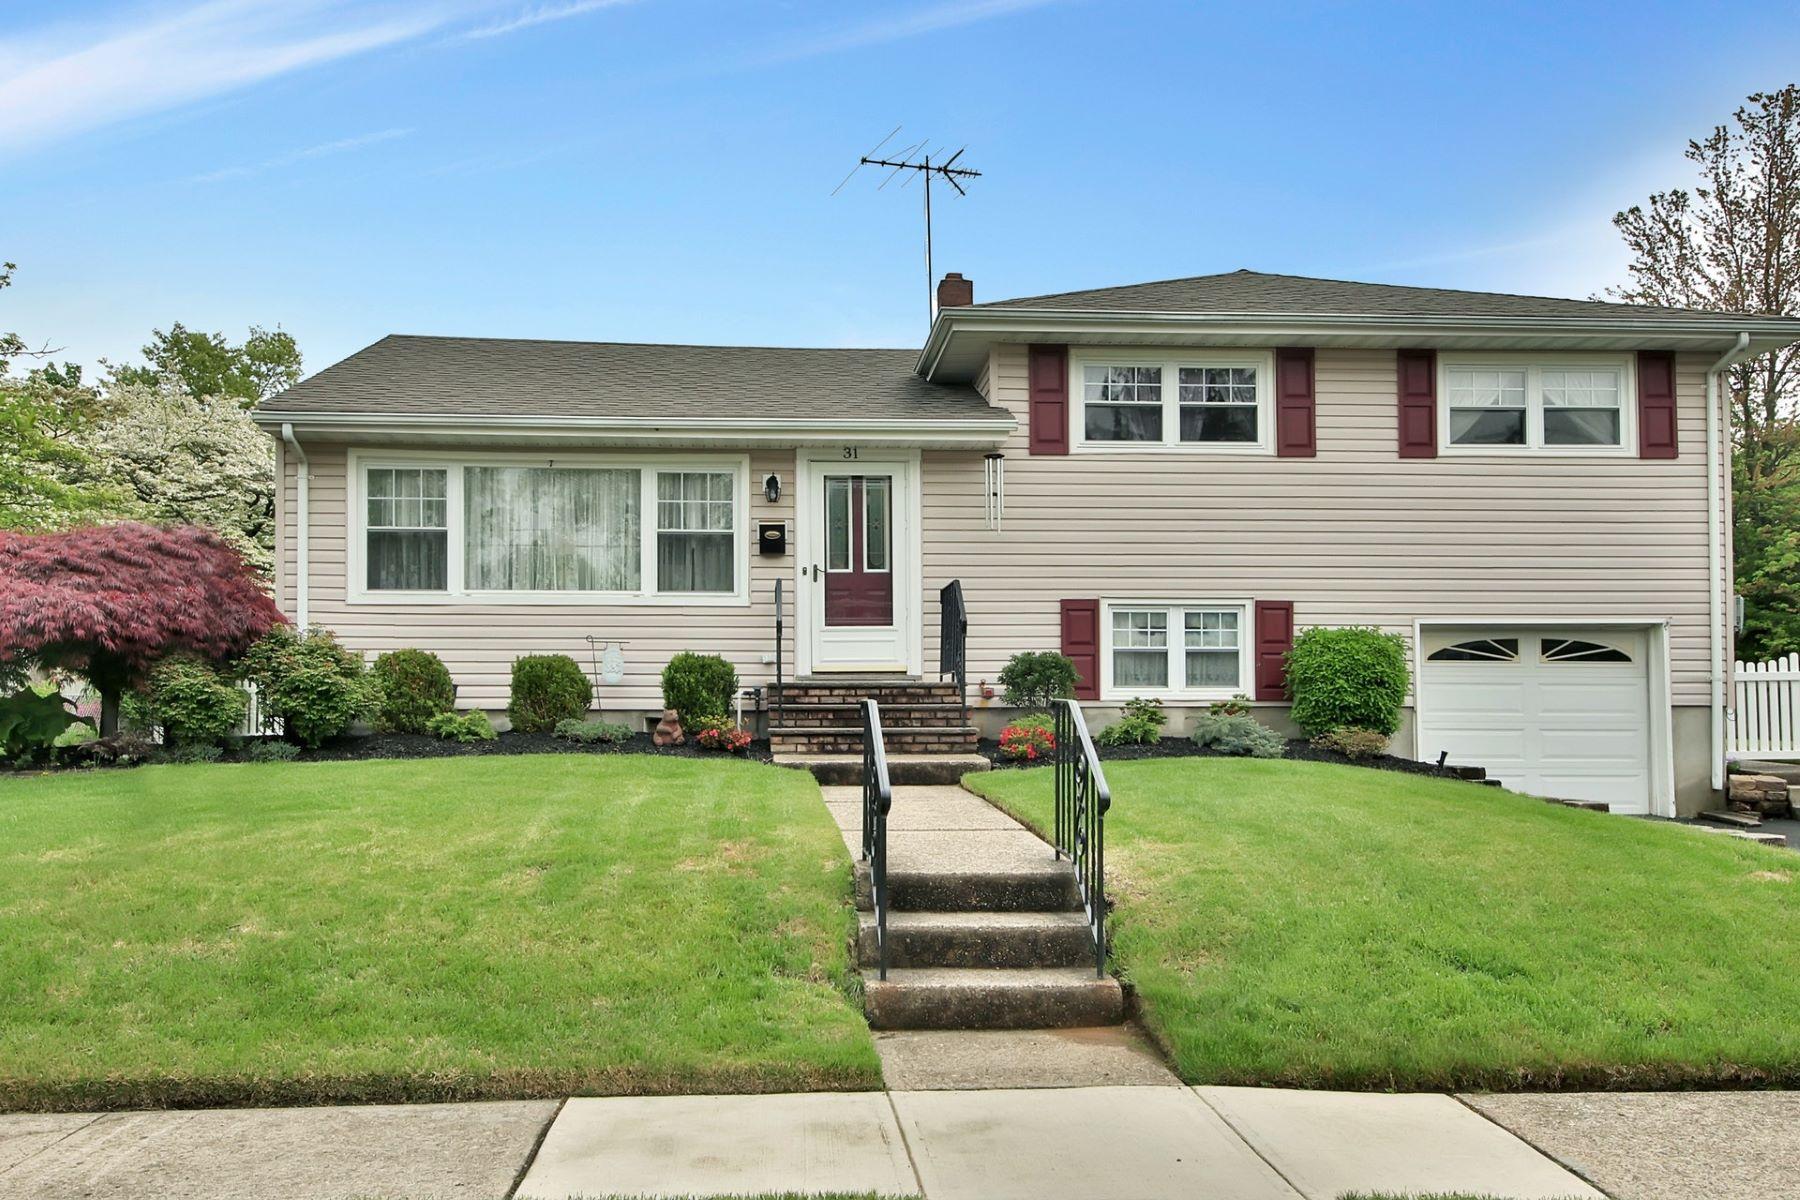 独户住宅 为 销售 在 Expanded Split 31 Beacon Rd, 杜蒙特, 新泽西州 07628 美国